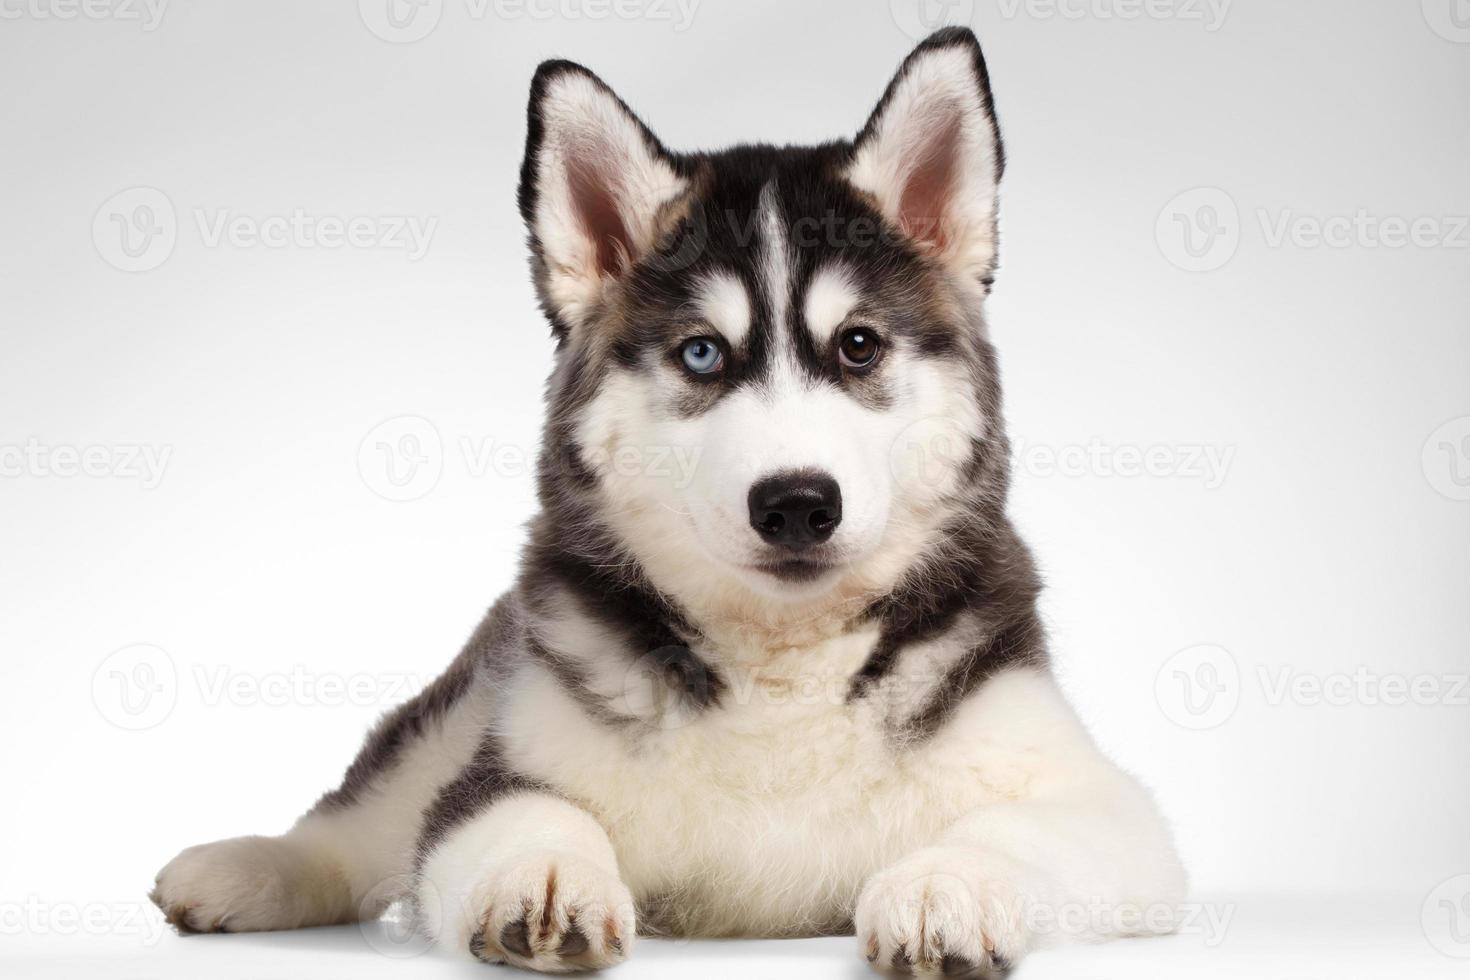 cucciolo siberian husky si trova su bianco foto